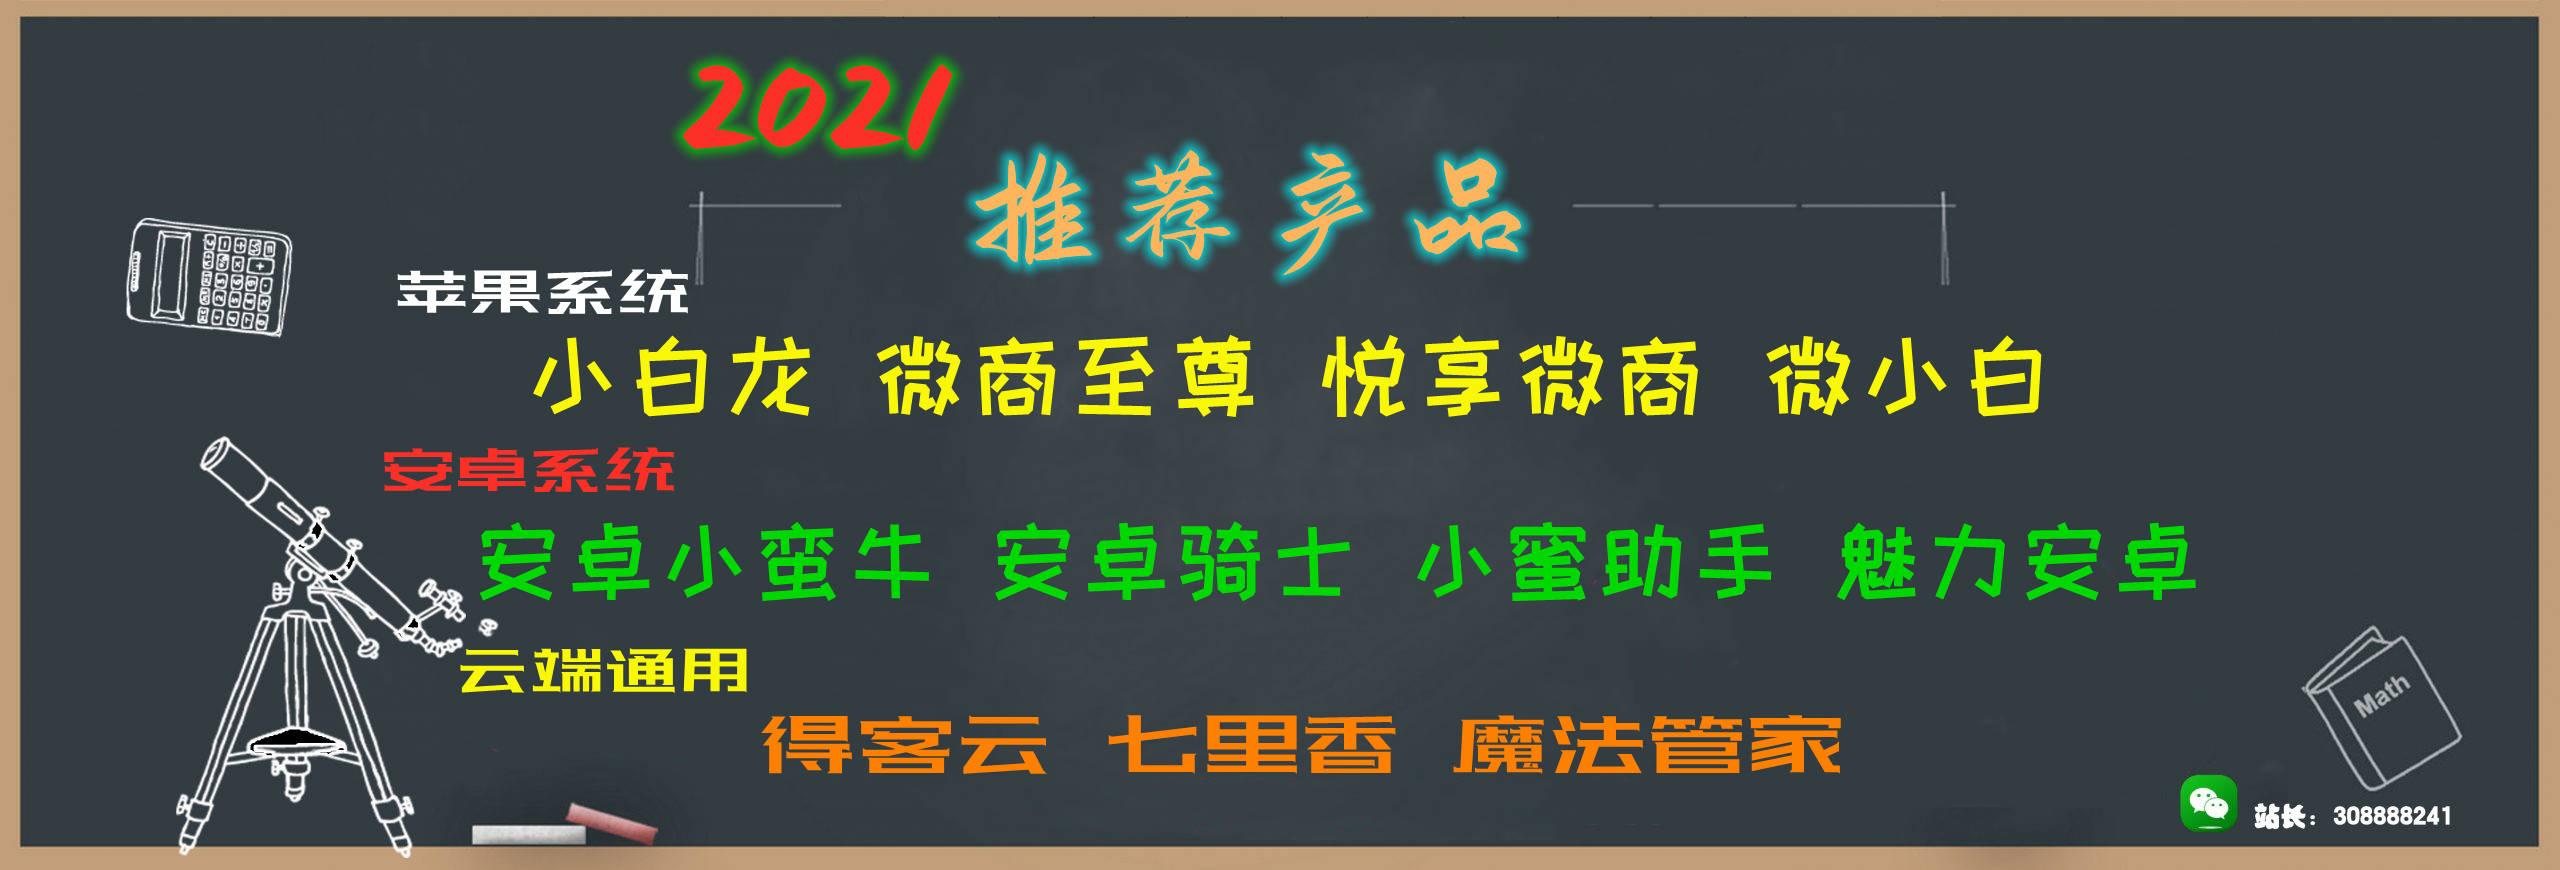 微商微信多开2021.2.20致青春推荐产品